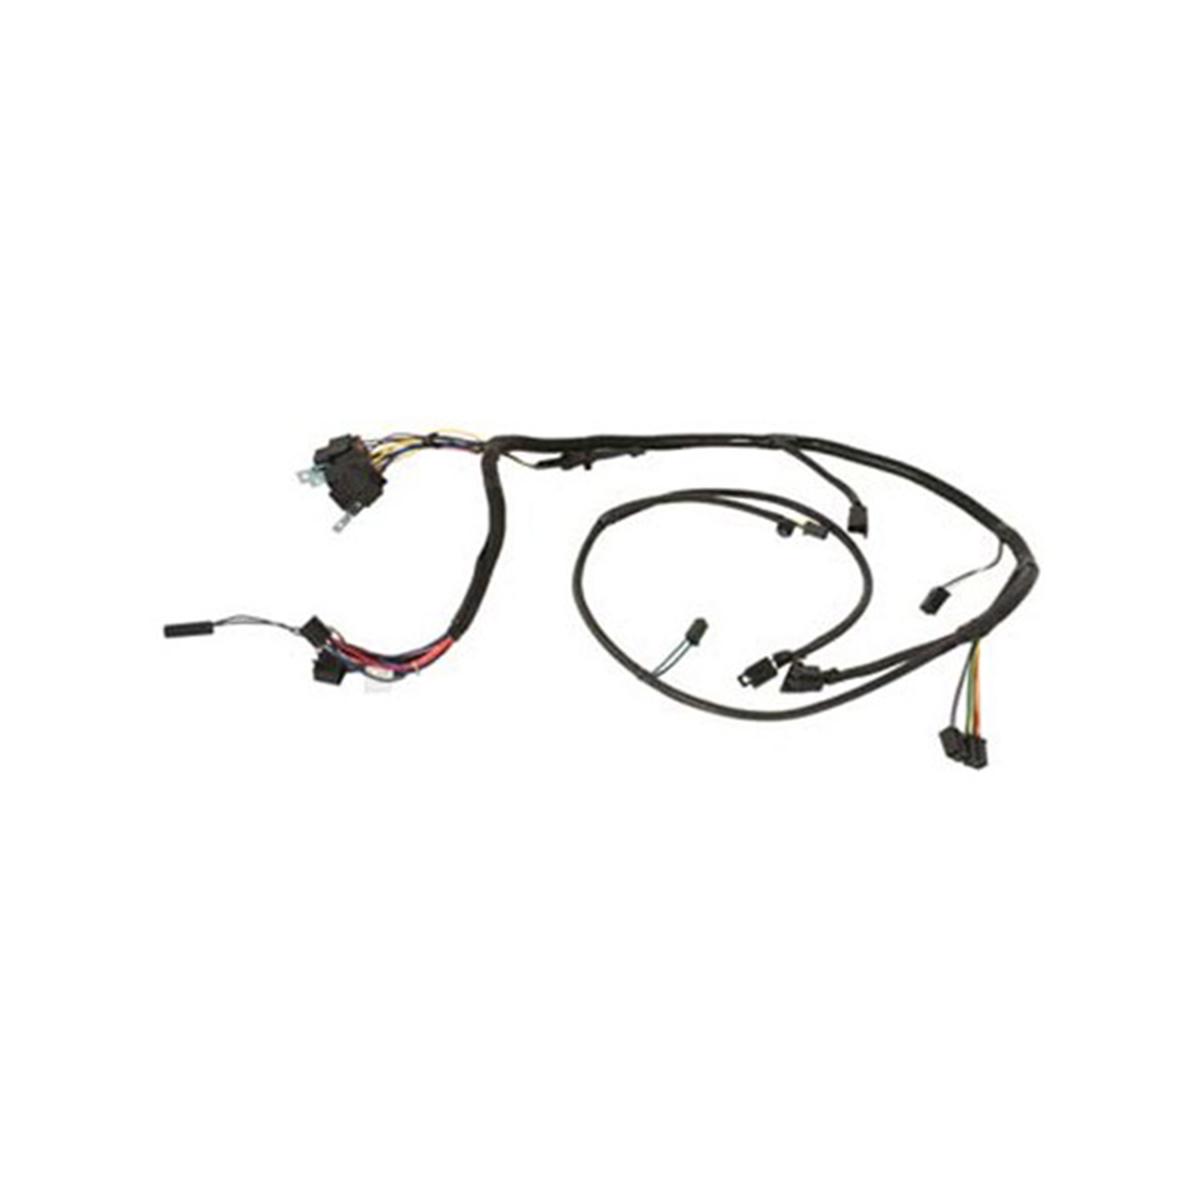 dixie chopper 2750 wiring diagram